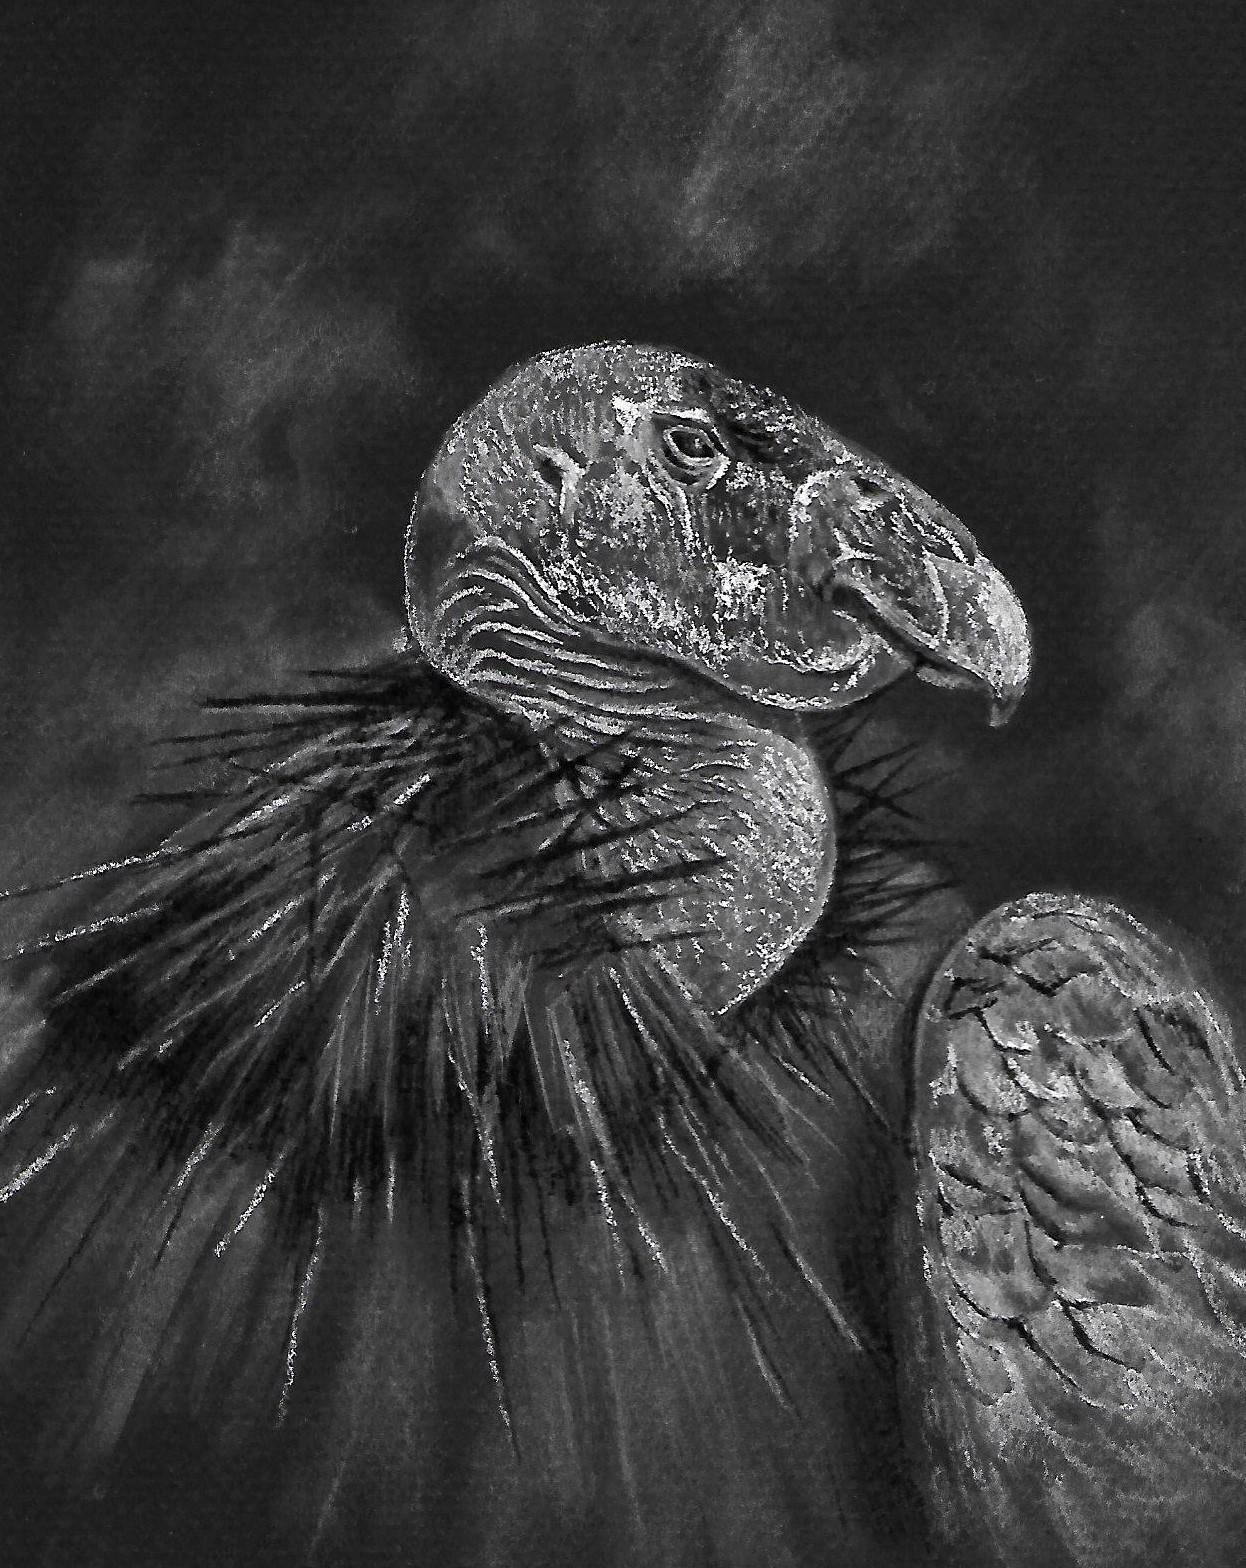 Condor, by Susan Underkoffler, 2020